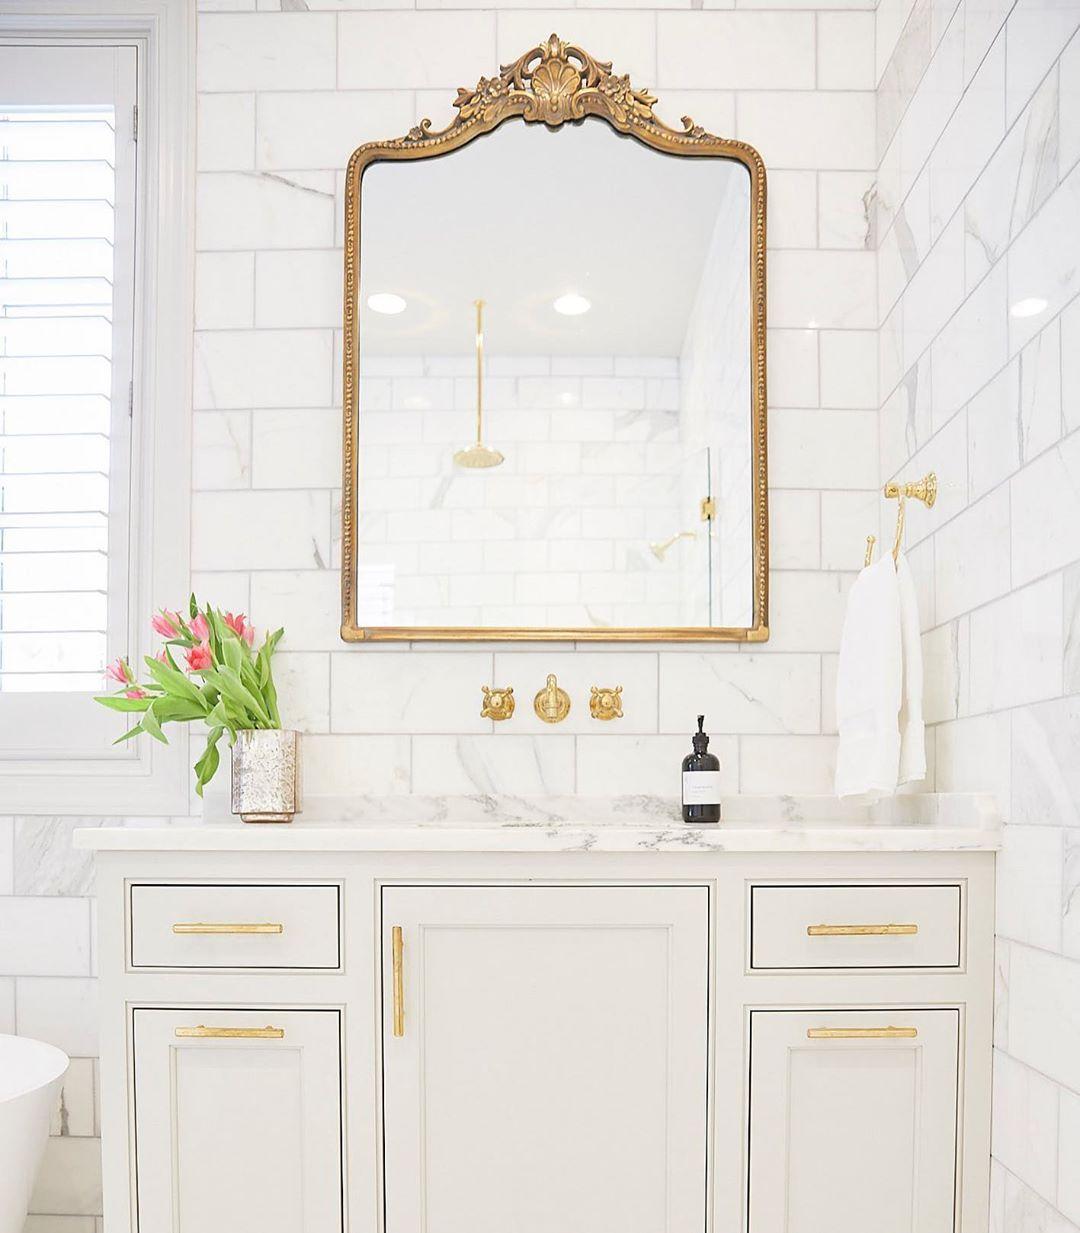 Los accesorios le darán un toque único y acogedor a tu baño